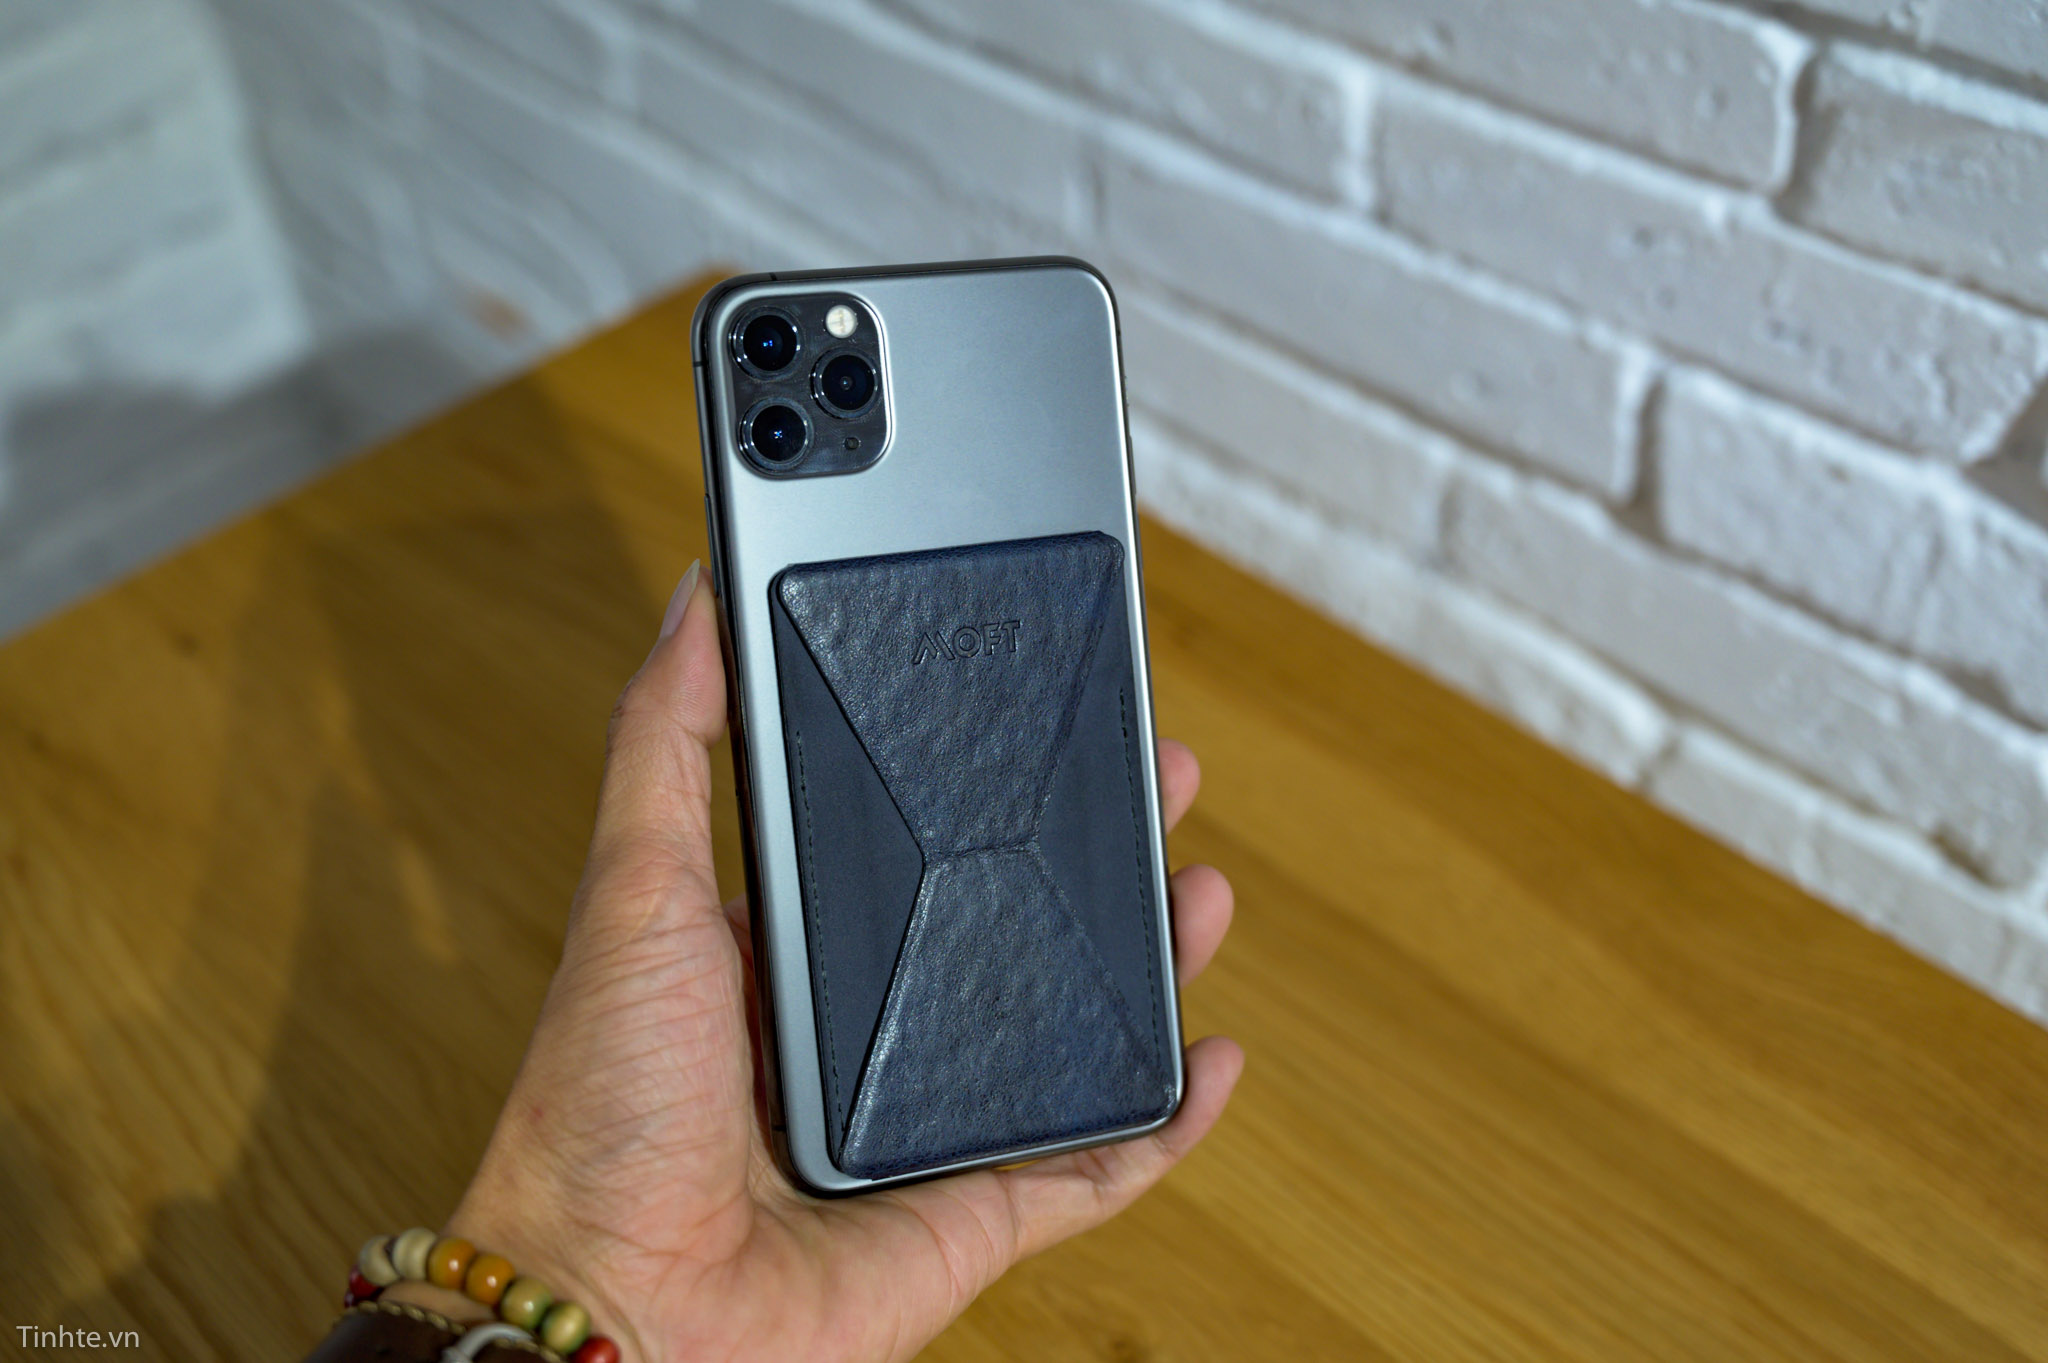 Trên-tay-đế-đỡ-điện-thoại-MOFT--7256.jpg